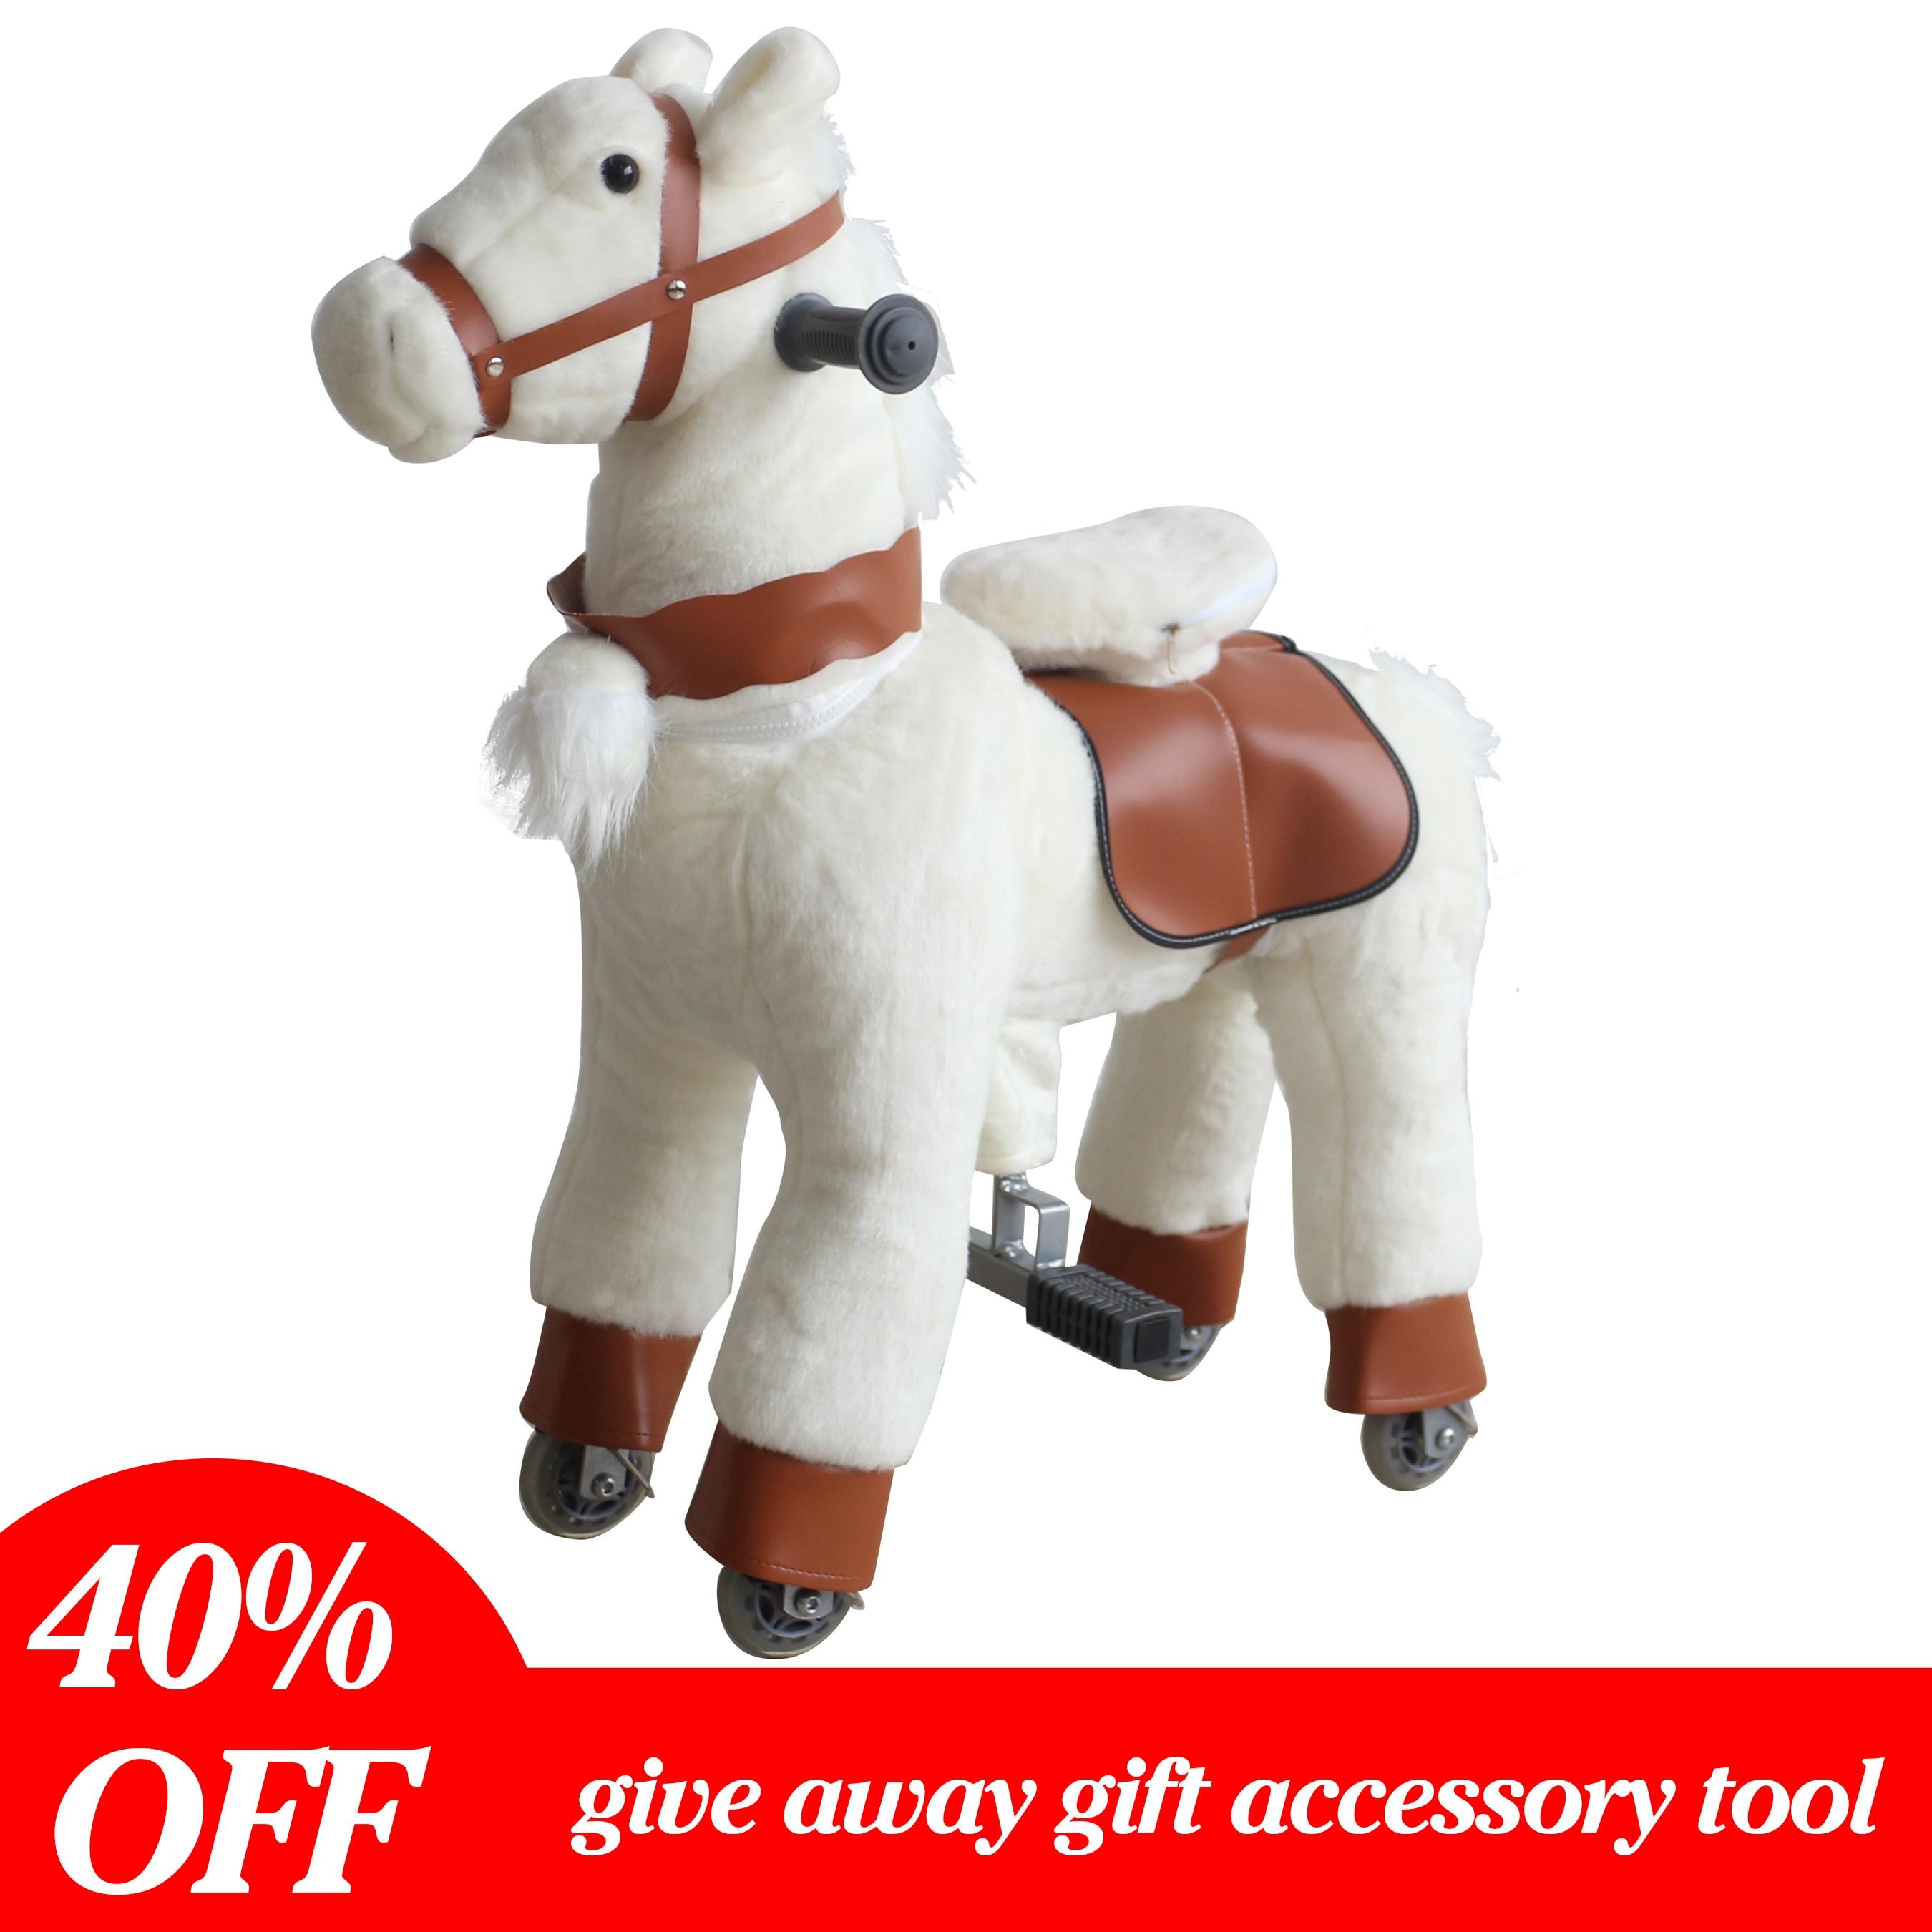 Белые плюшевые игрушки для верховой езды на лошадях, маленькие пони с колесами, механические лошади, гоночная игра, детские подарки на день ...